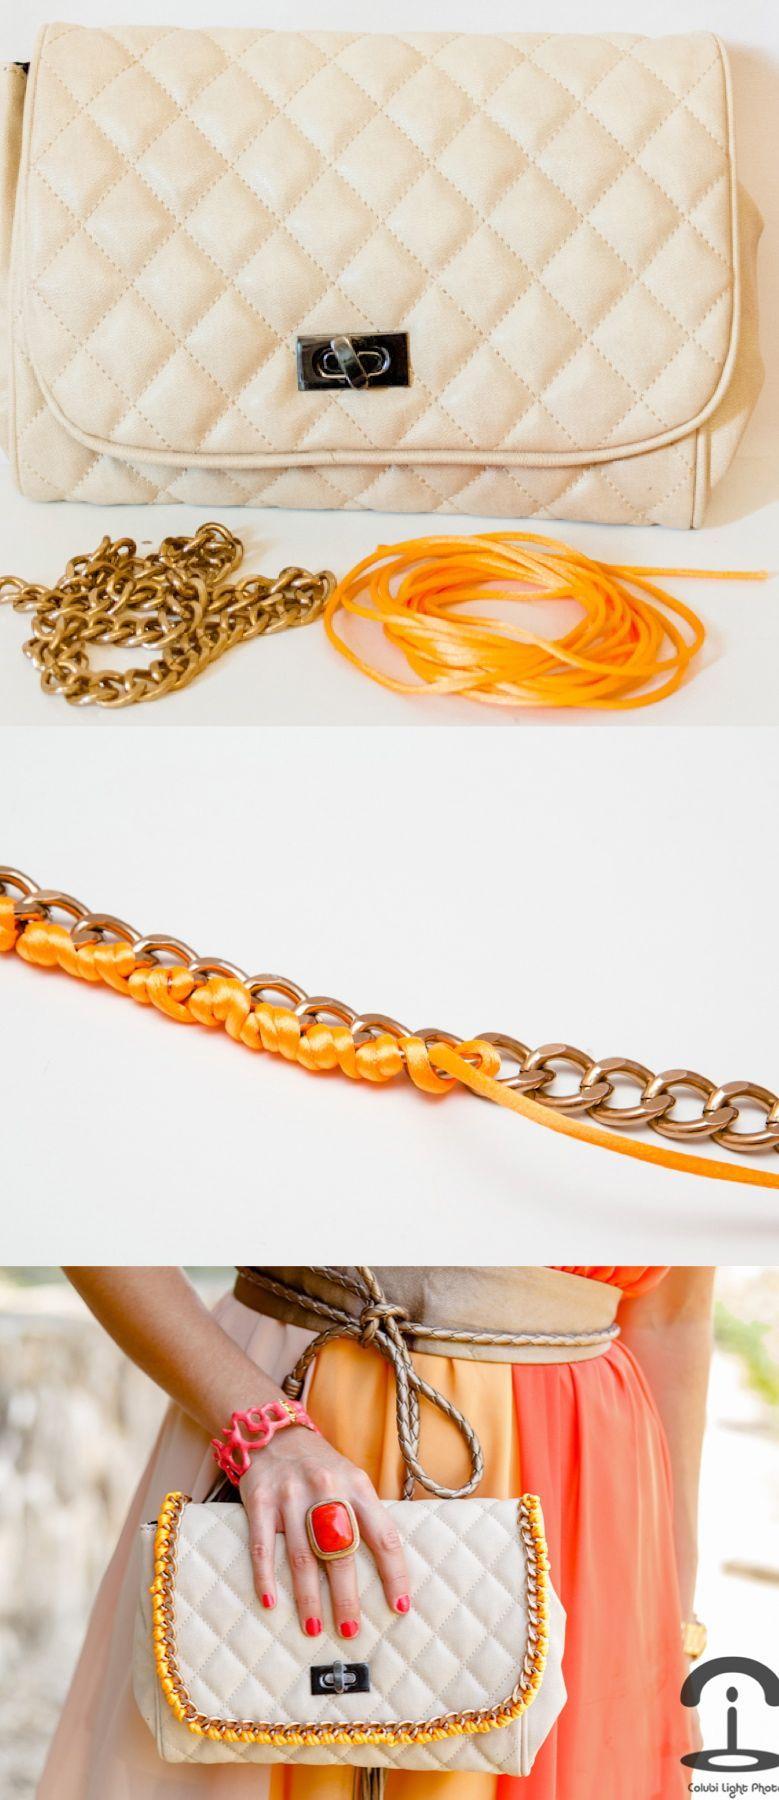 DIY: Neon chain handbag